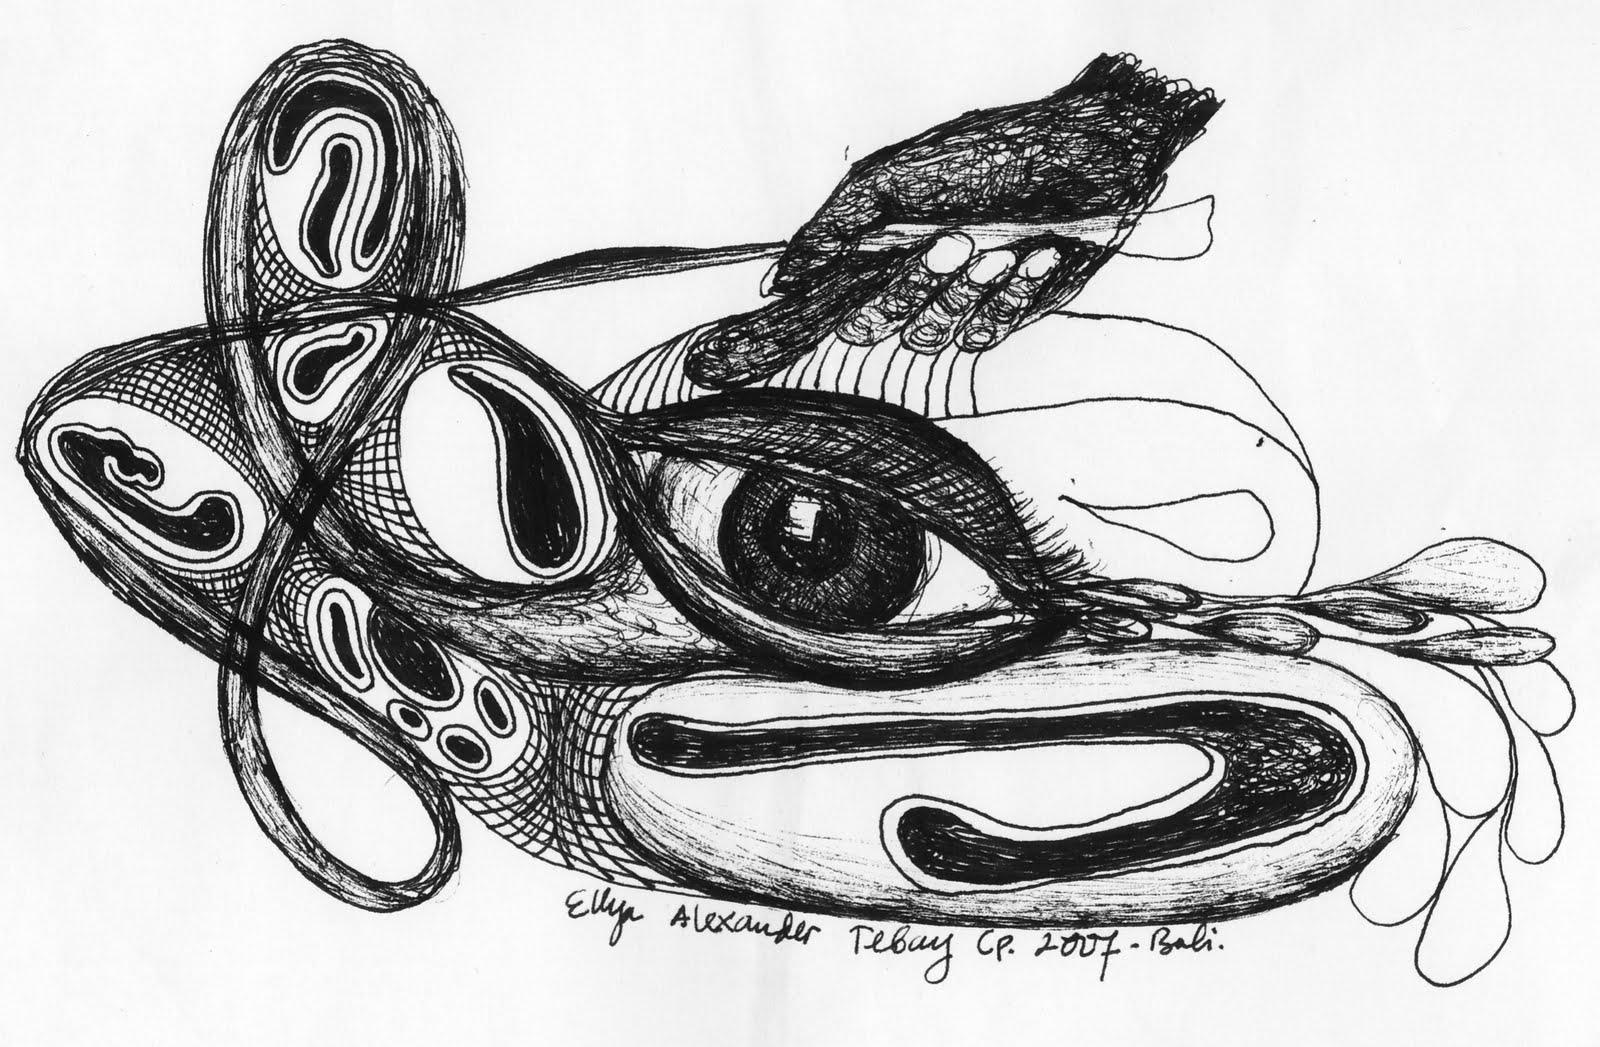 PARAS ART: Unsur-unsur Seni Rupa